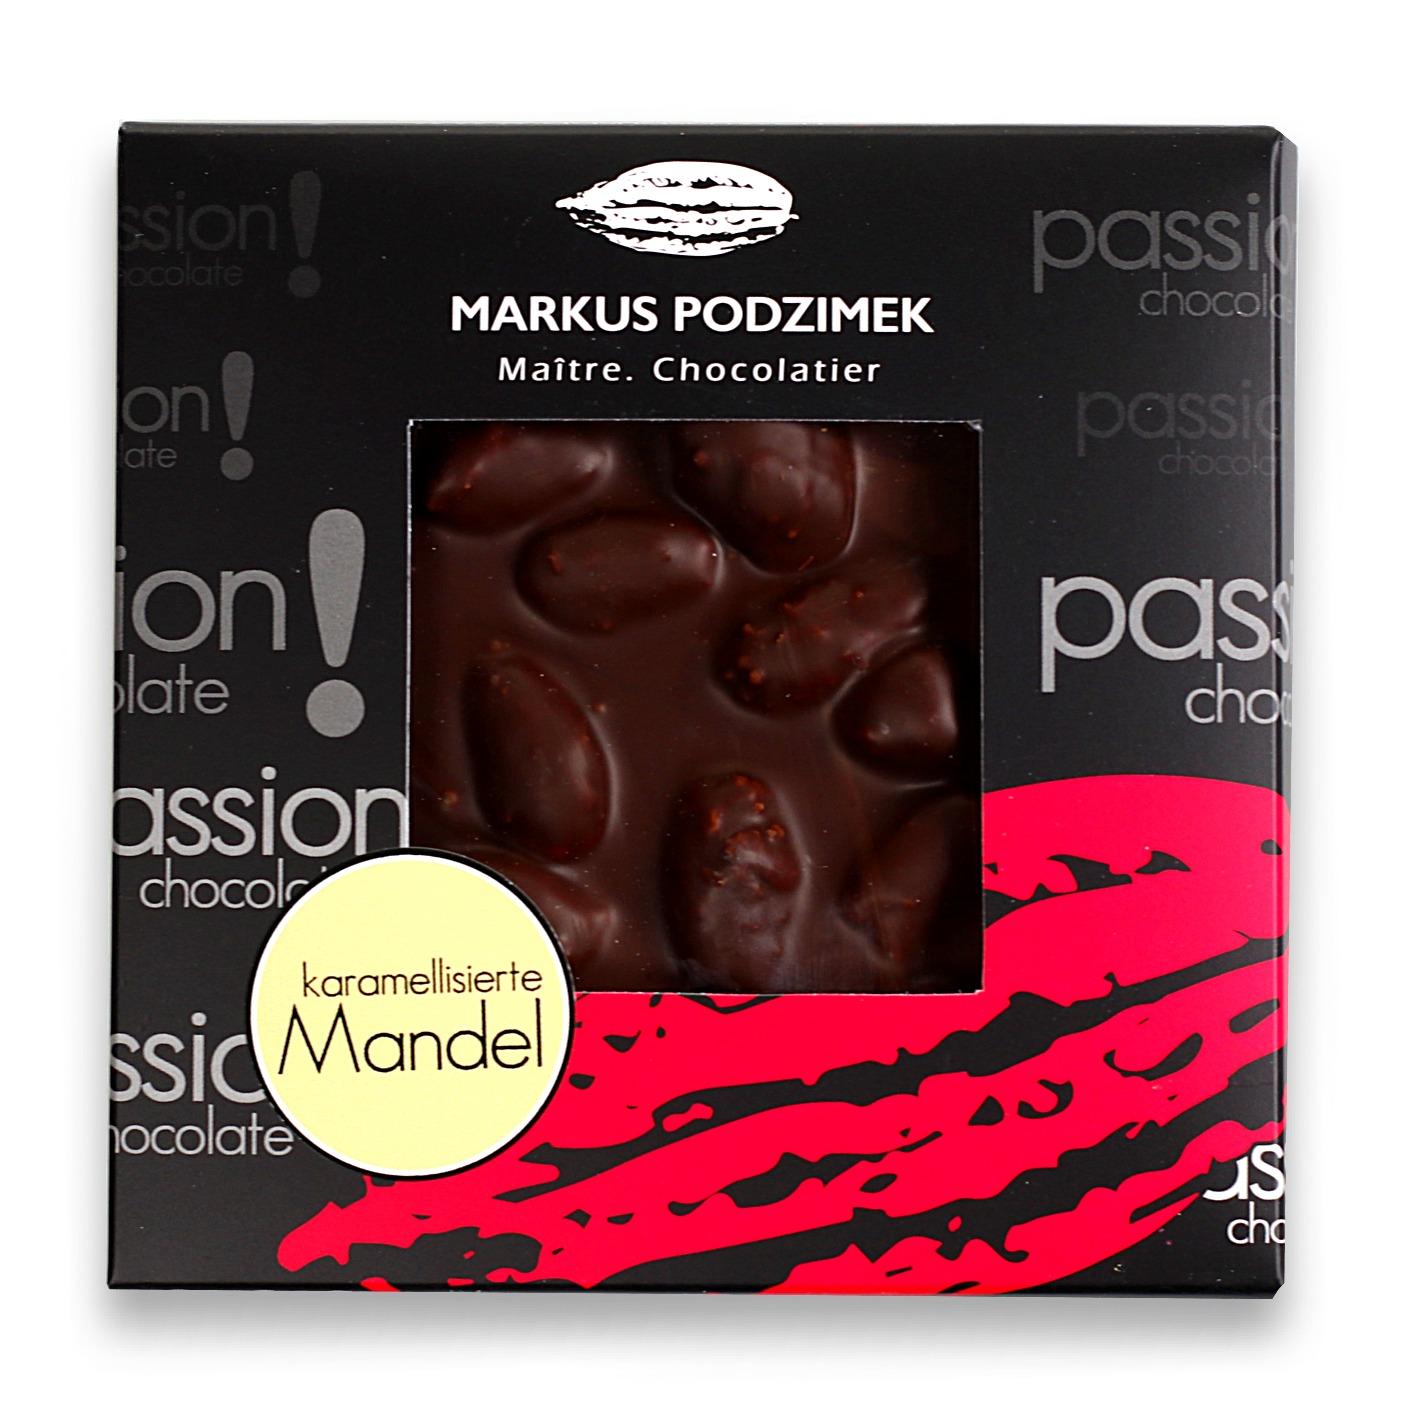 Karamelisierte Mandel Edel-Bitterschokolade mit 60% Cacao | dasnaschwerk